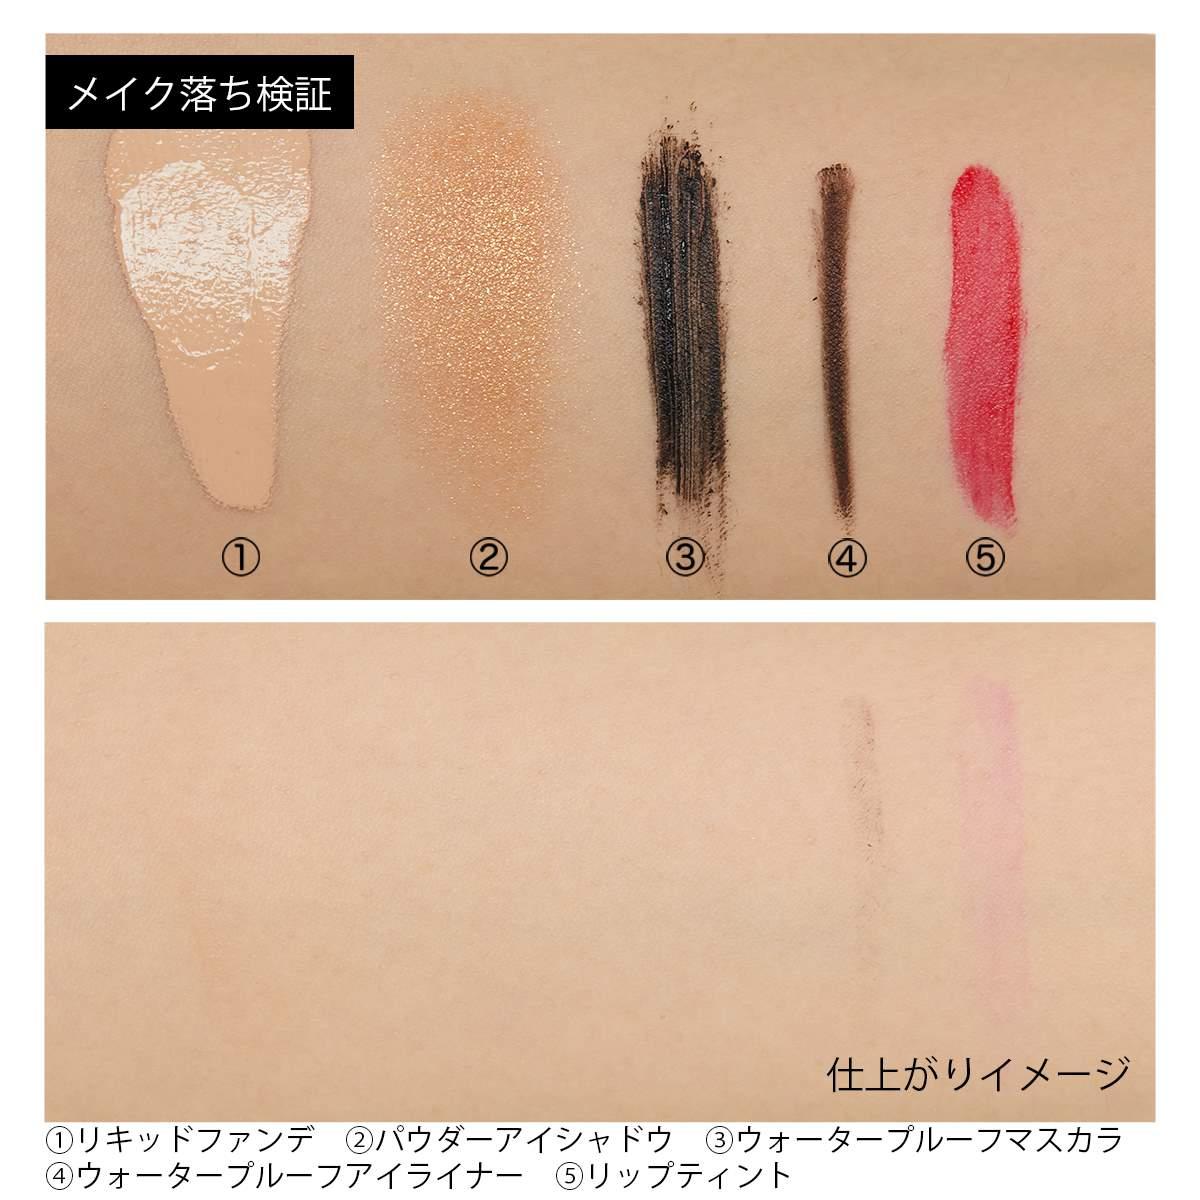 ミルクのような使用感の菊正宗『日本酒のメイク落とし』をご紹介に関する画像7